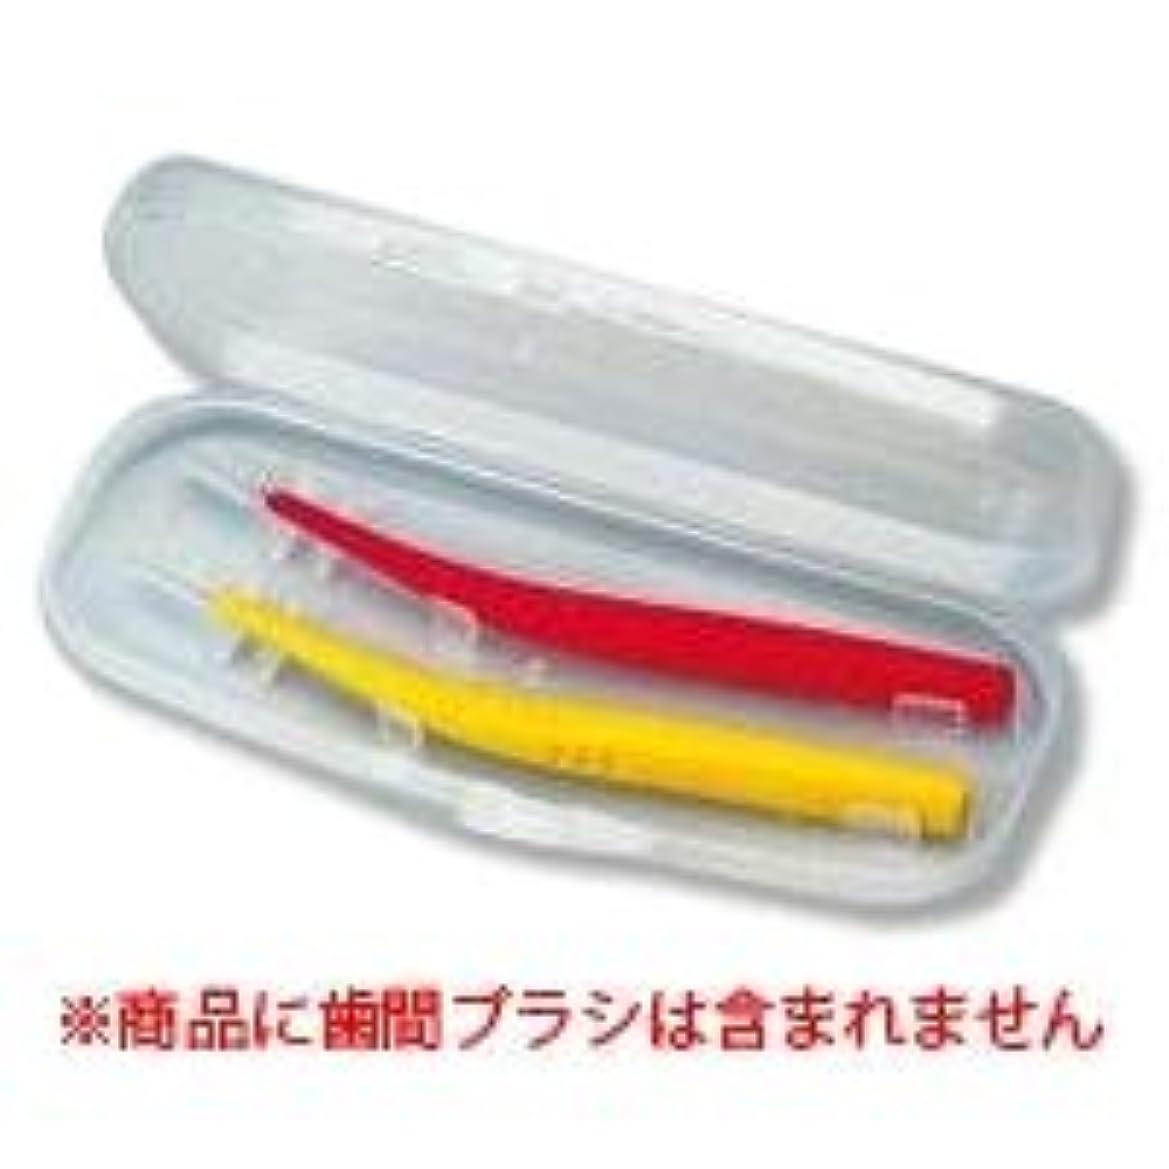 実質的差別するくそー【ジーシー(GC)】【歯科用】プロスペック歯間ブラシ カーブ ケース 1個【歯間ブラシケース】